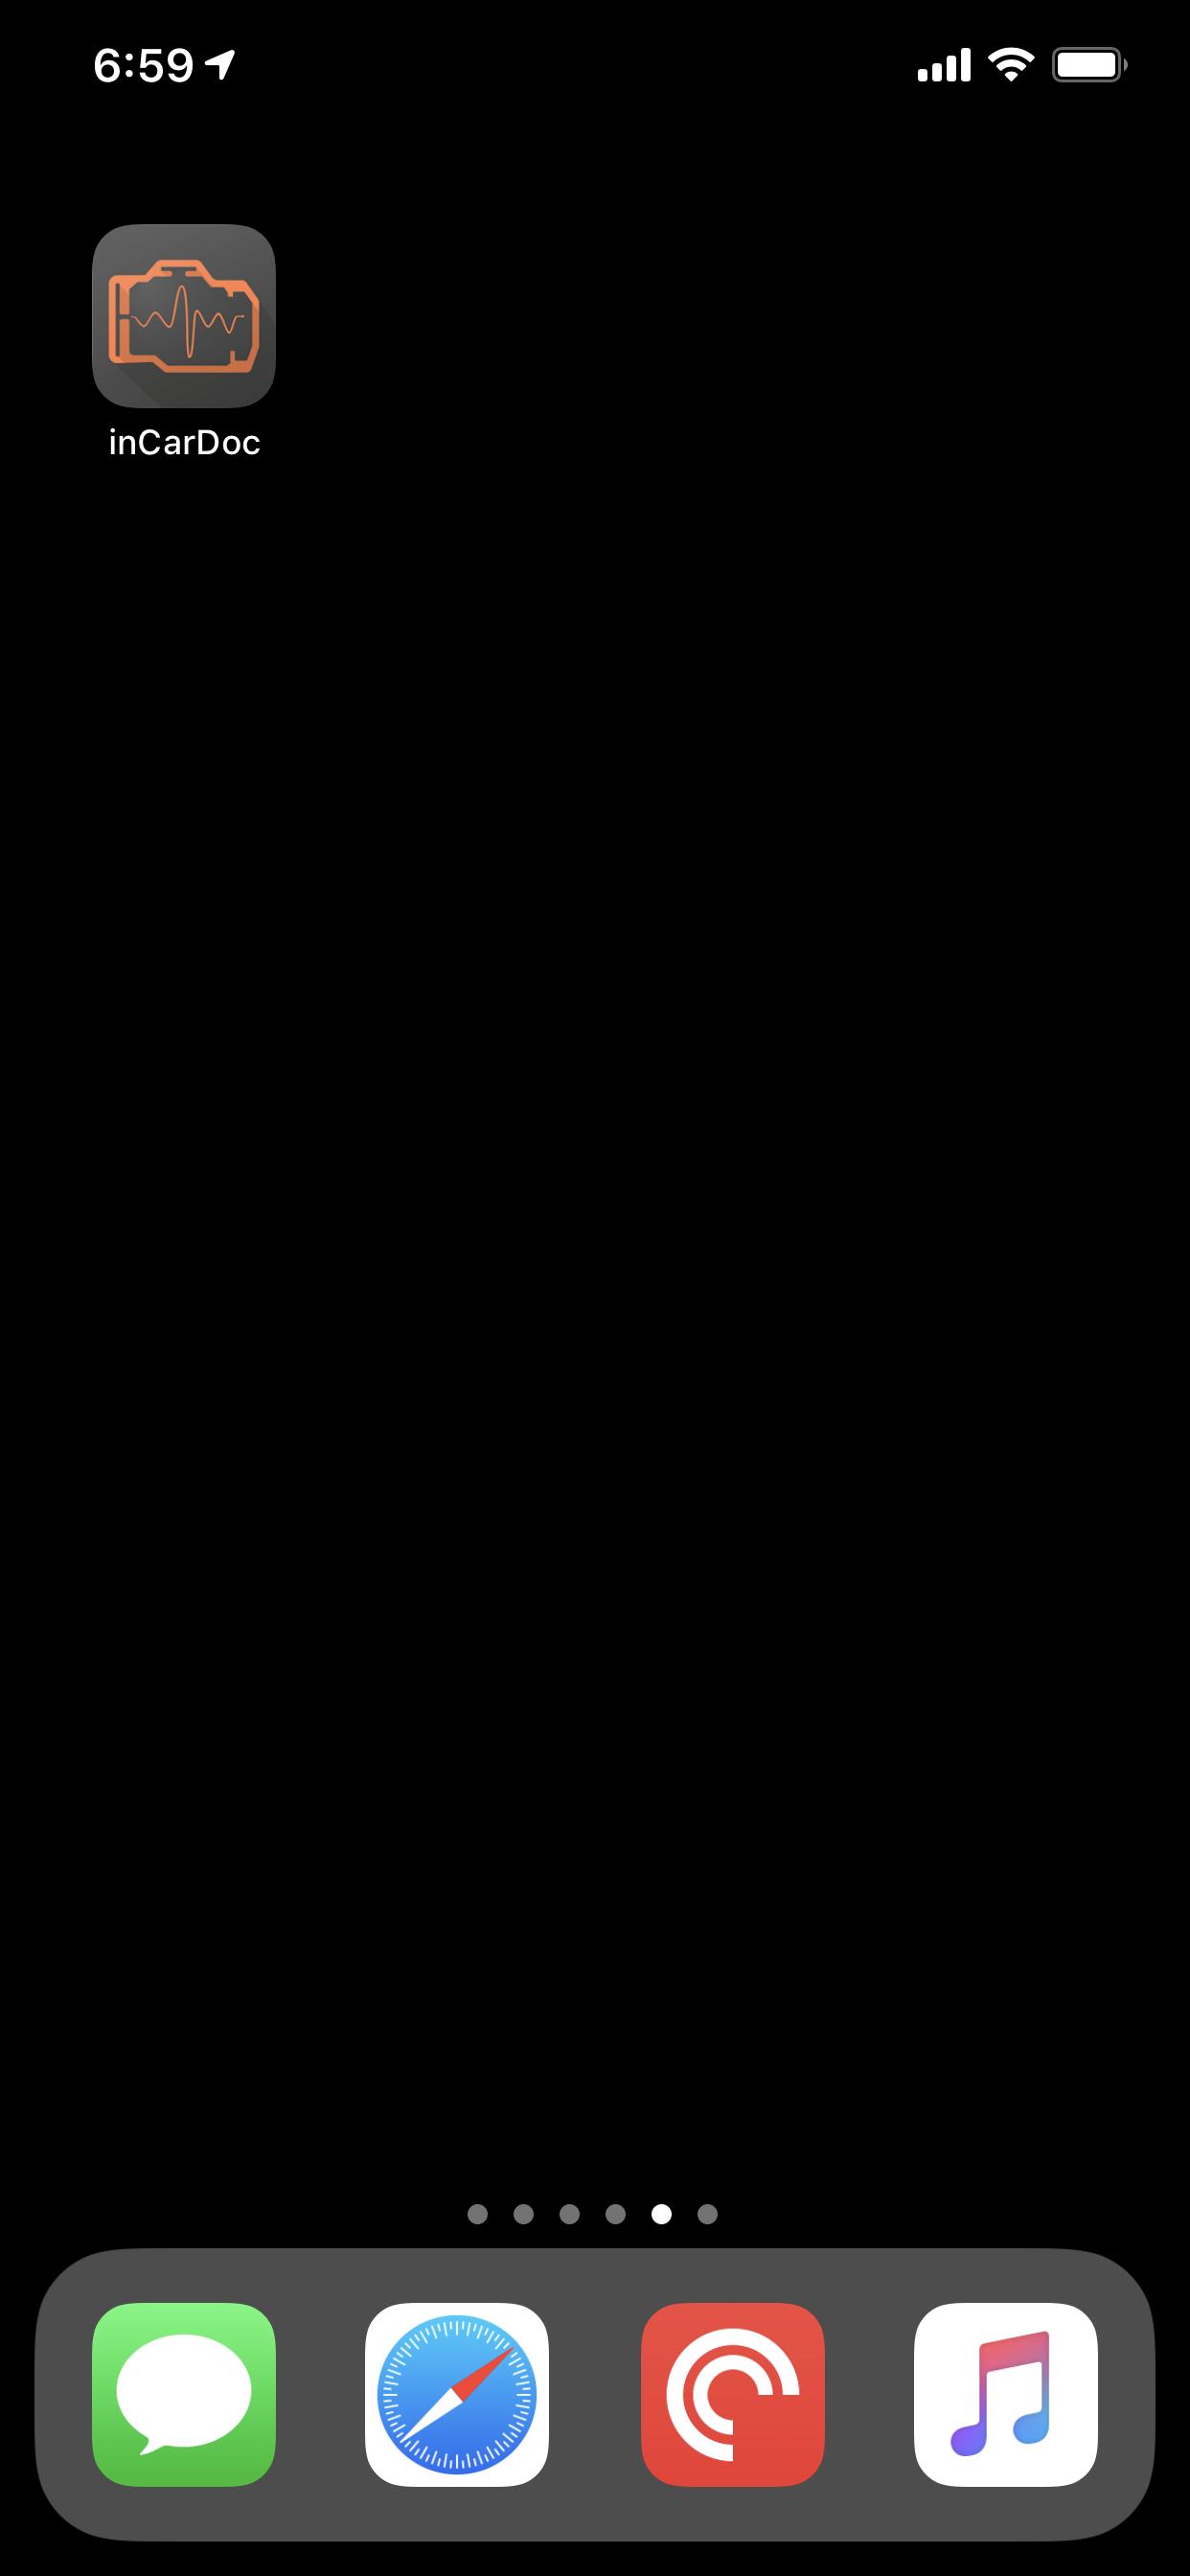 50B84A5B-ABFB-4BB0-98D2-9E44315E2F0A.png